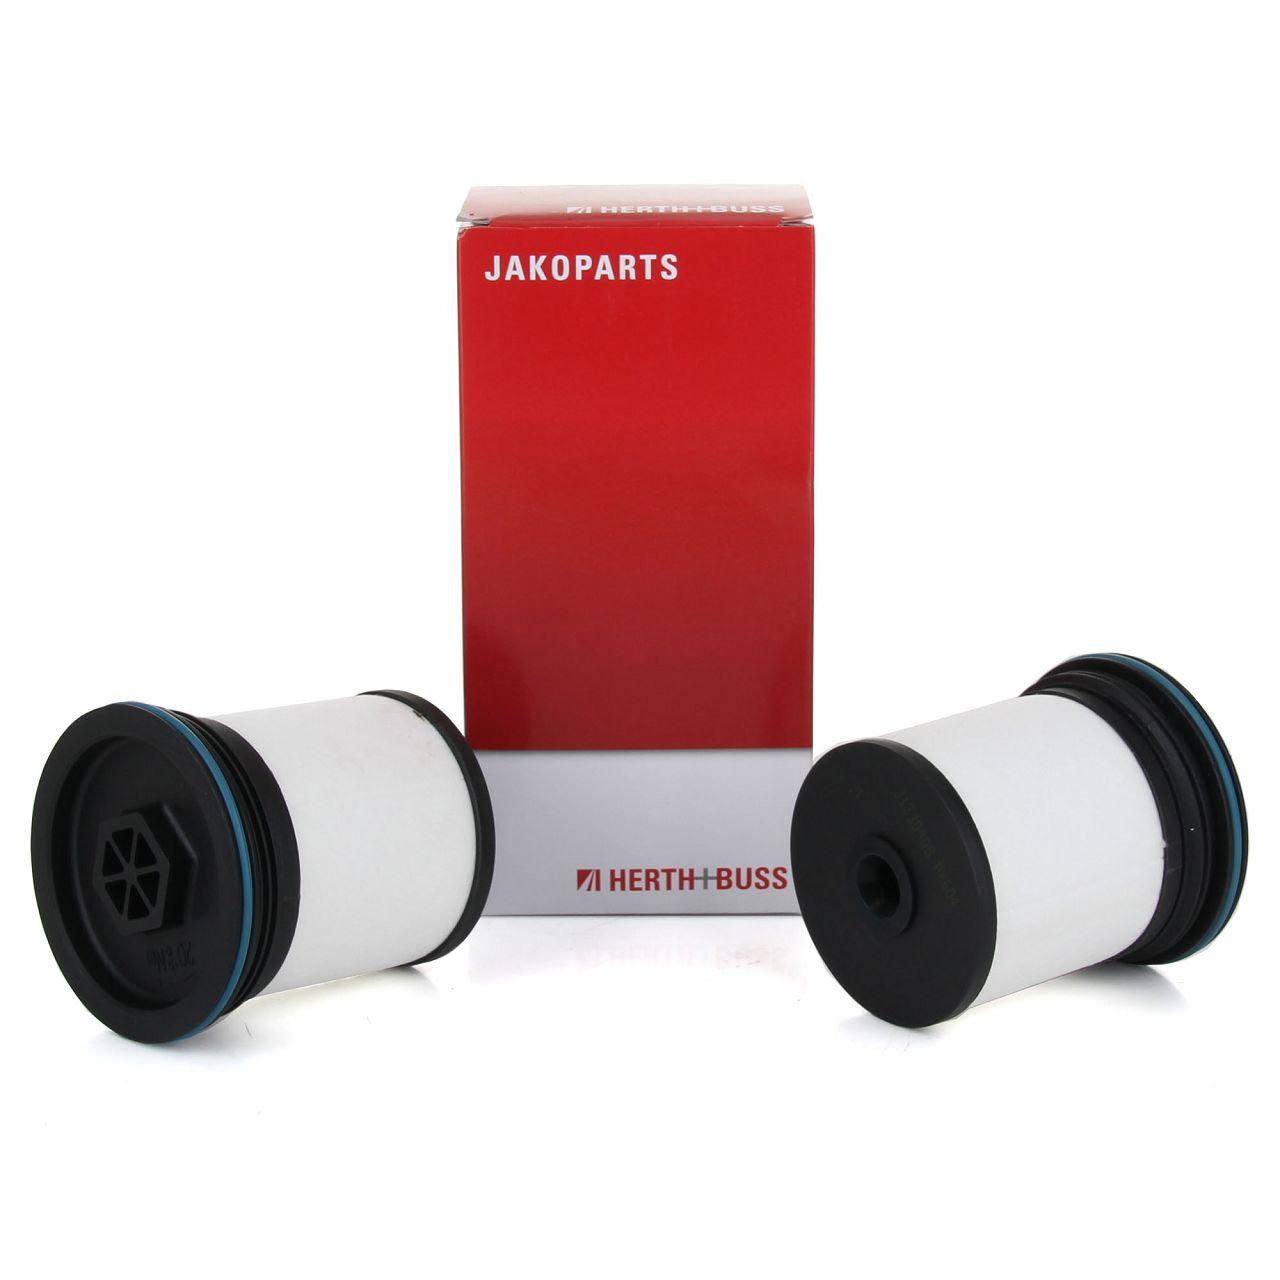 HERTH+BUSS JAKOPARTS Kraftstofffilter Dieselfilter für CHEVROLET CAPTIVA 2.2D